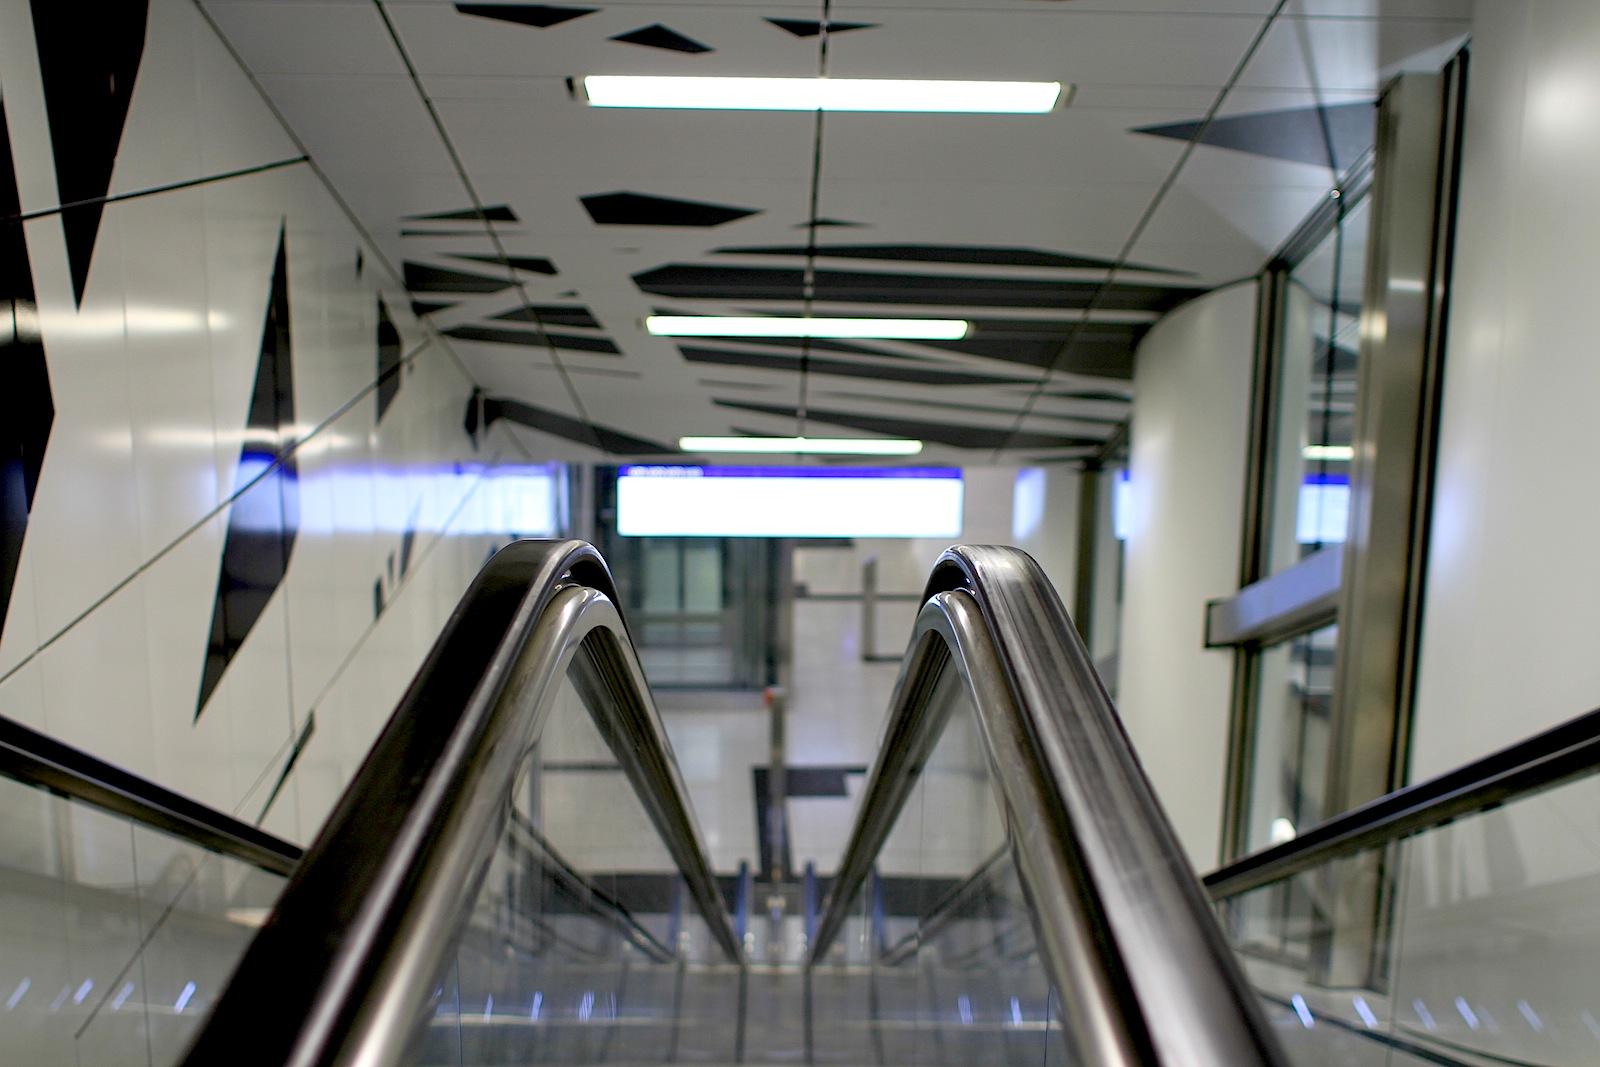 Station Pempelforter Straße. Für die Installation hat Heike Klussmann den Bahnhof vermessen ...